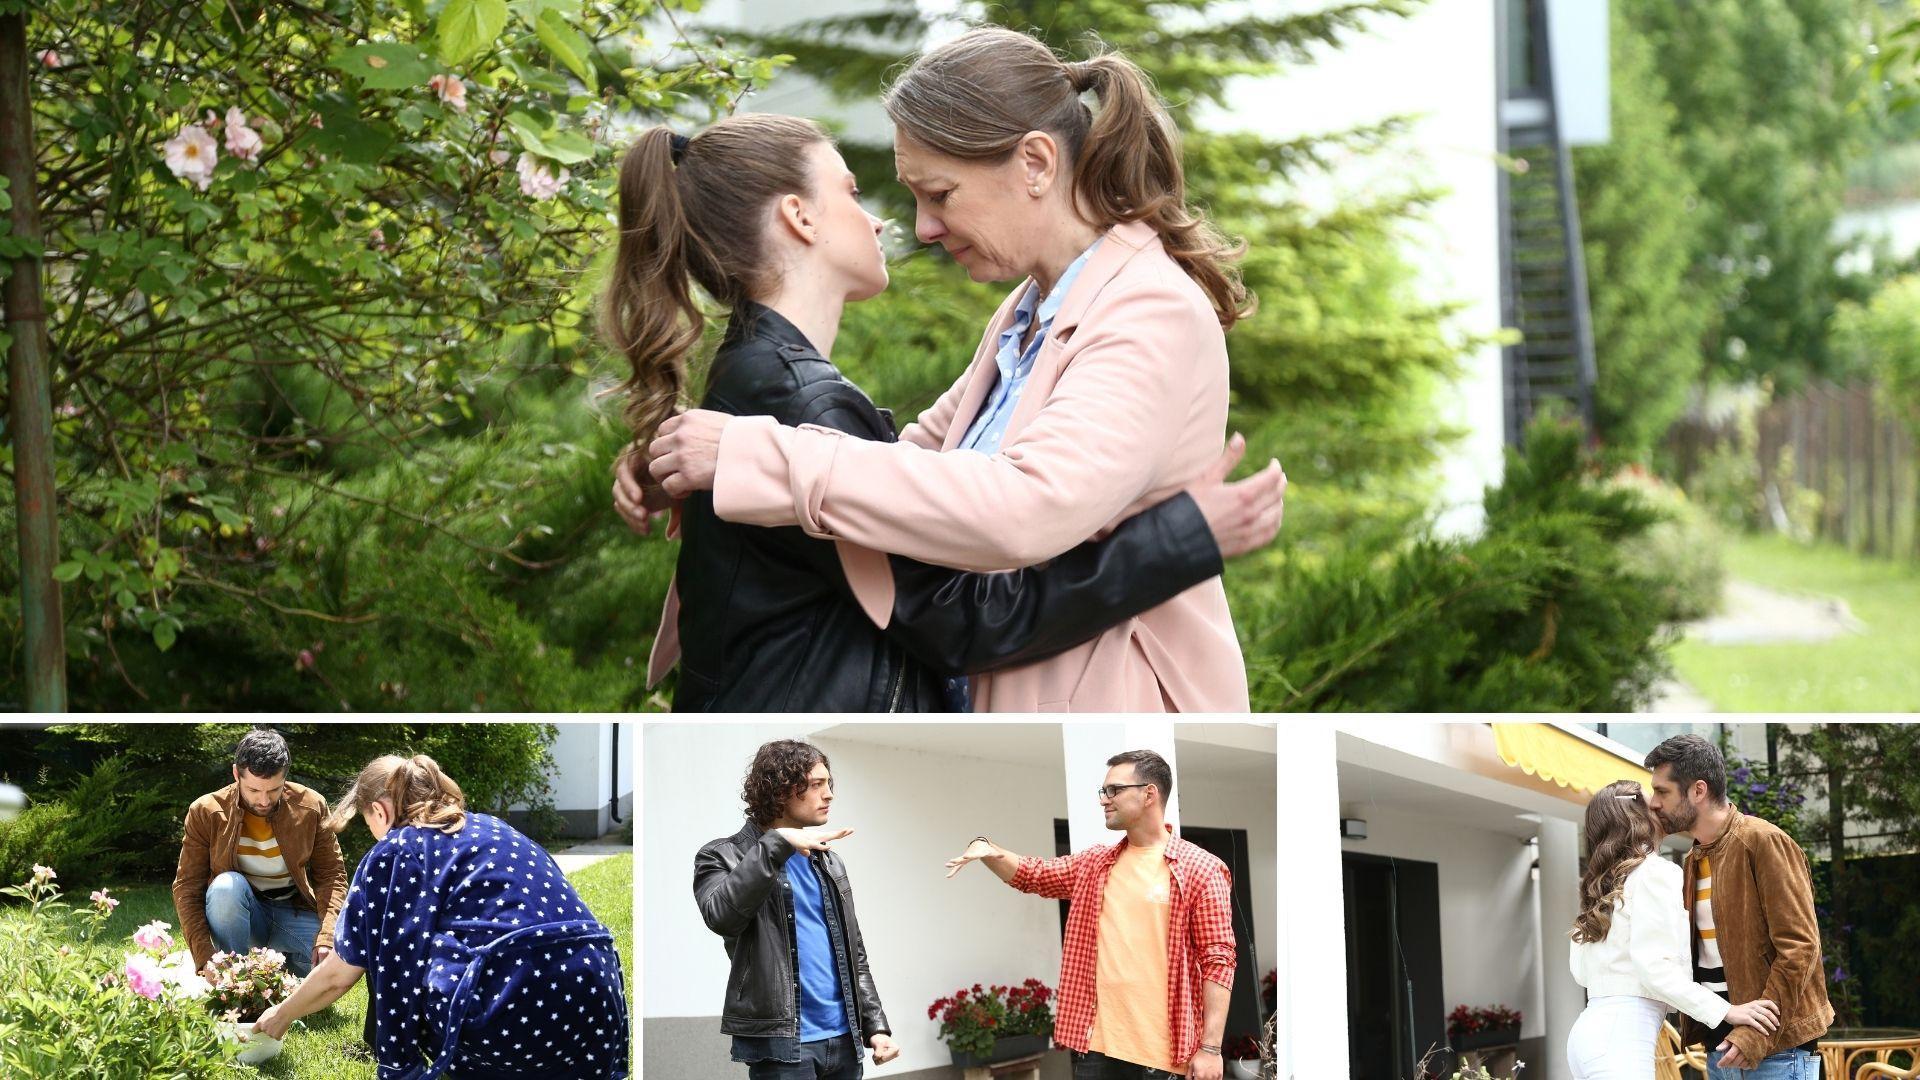 Serial Adela, sezonul 2, 14 octombrie 2021. Andreea o alungă pe Ana Maria, Mona face un gest necugetat, iar Mihai ajunge la adevăr